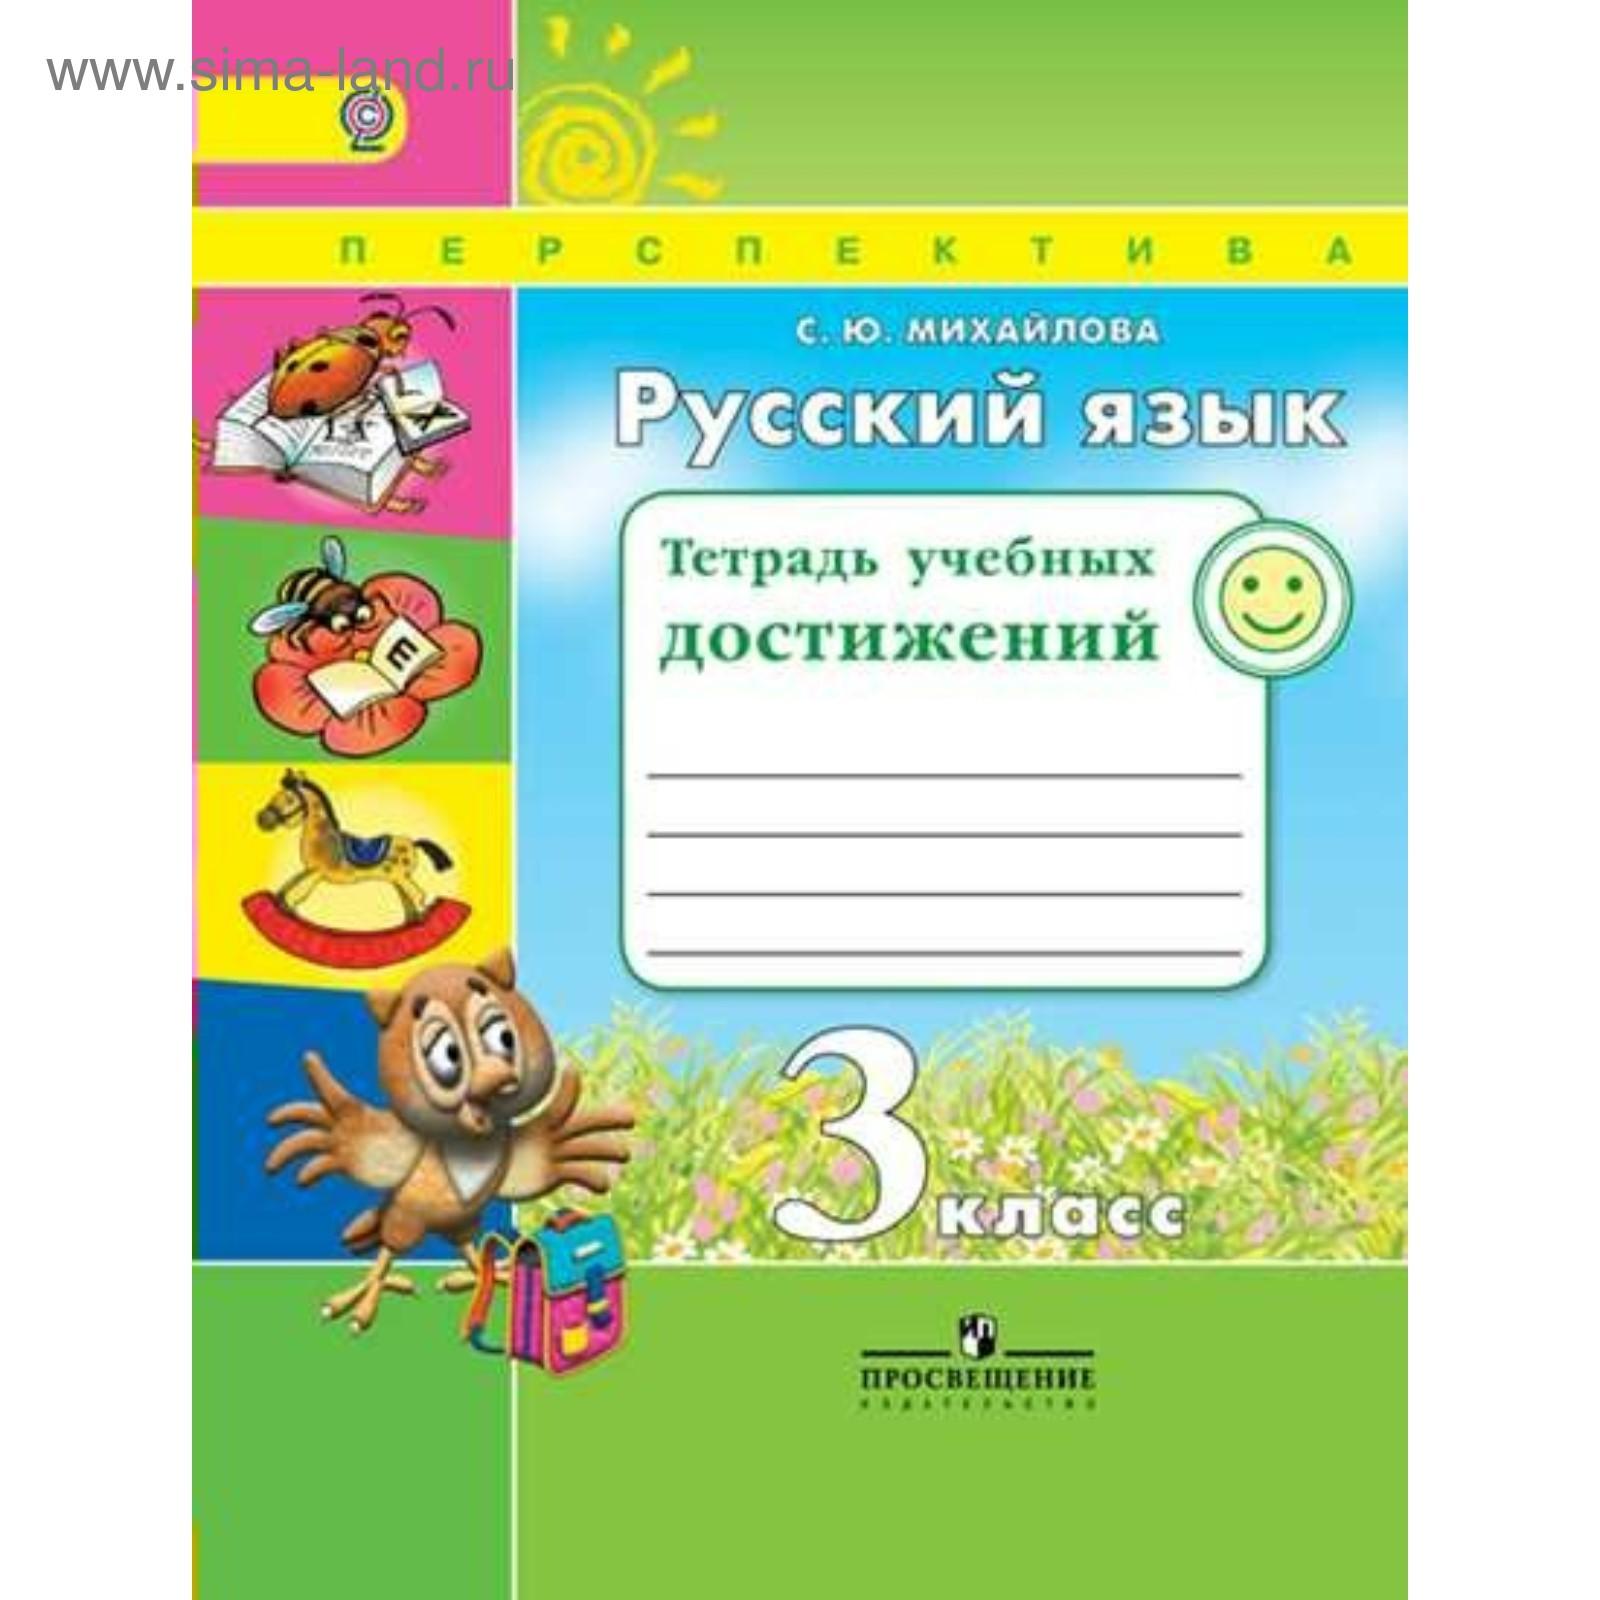 русский язык 3 класс тетрадь учебных достижений